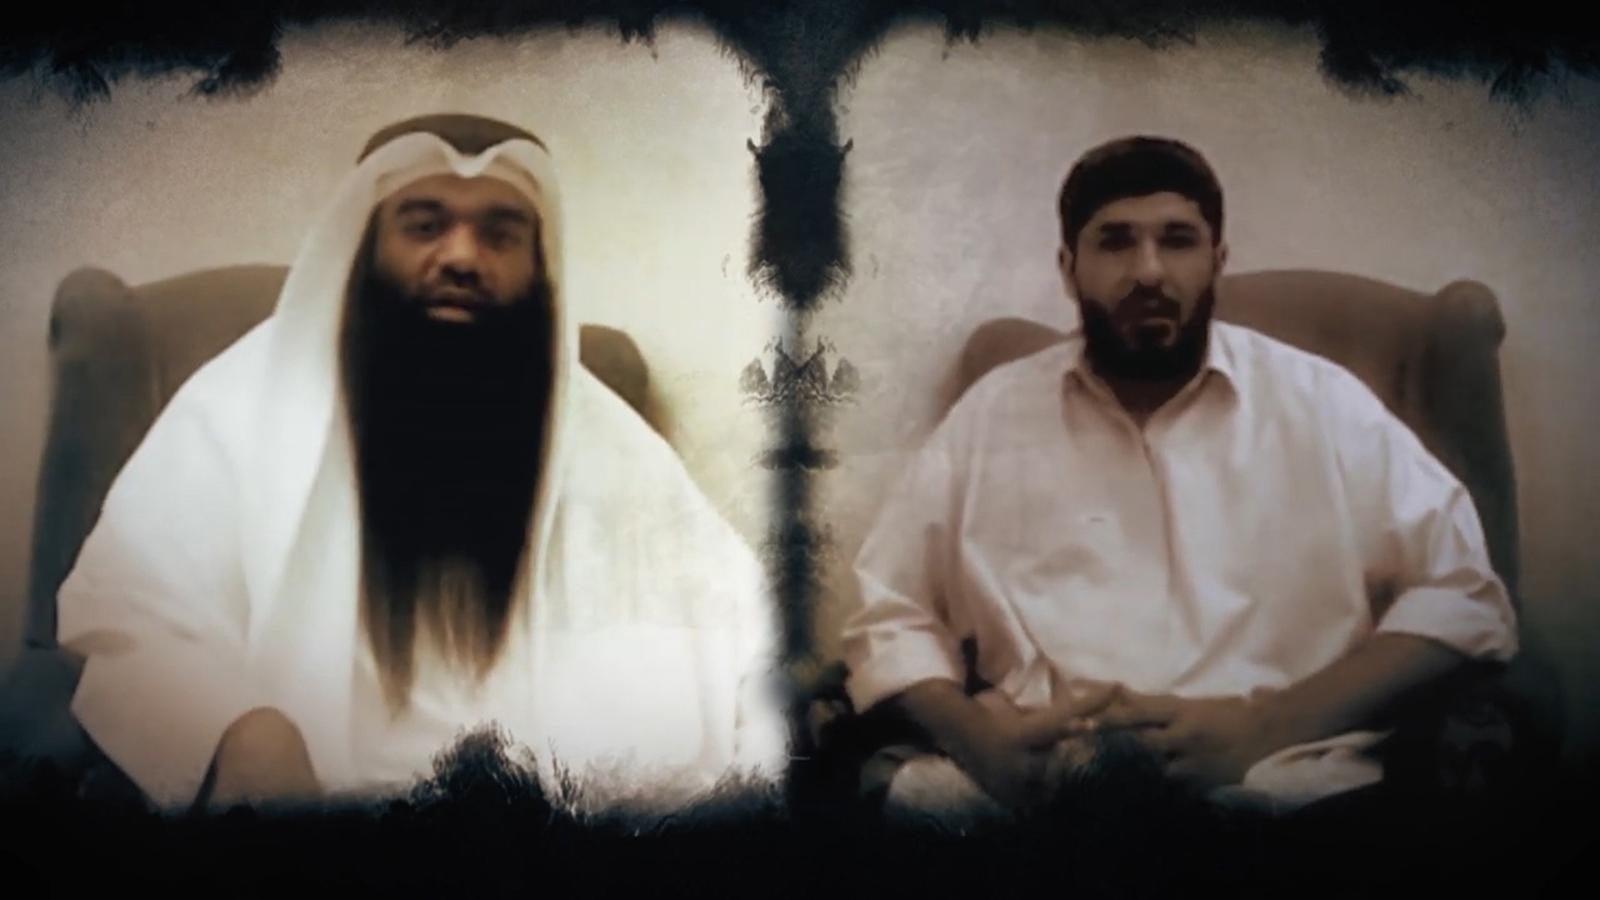 القاعده  - افشای اسرار تکان دهنده از رابطه میان القاعده و کشورهای خلیج